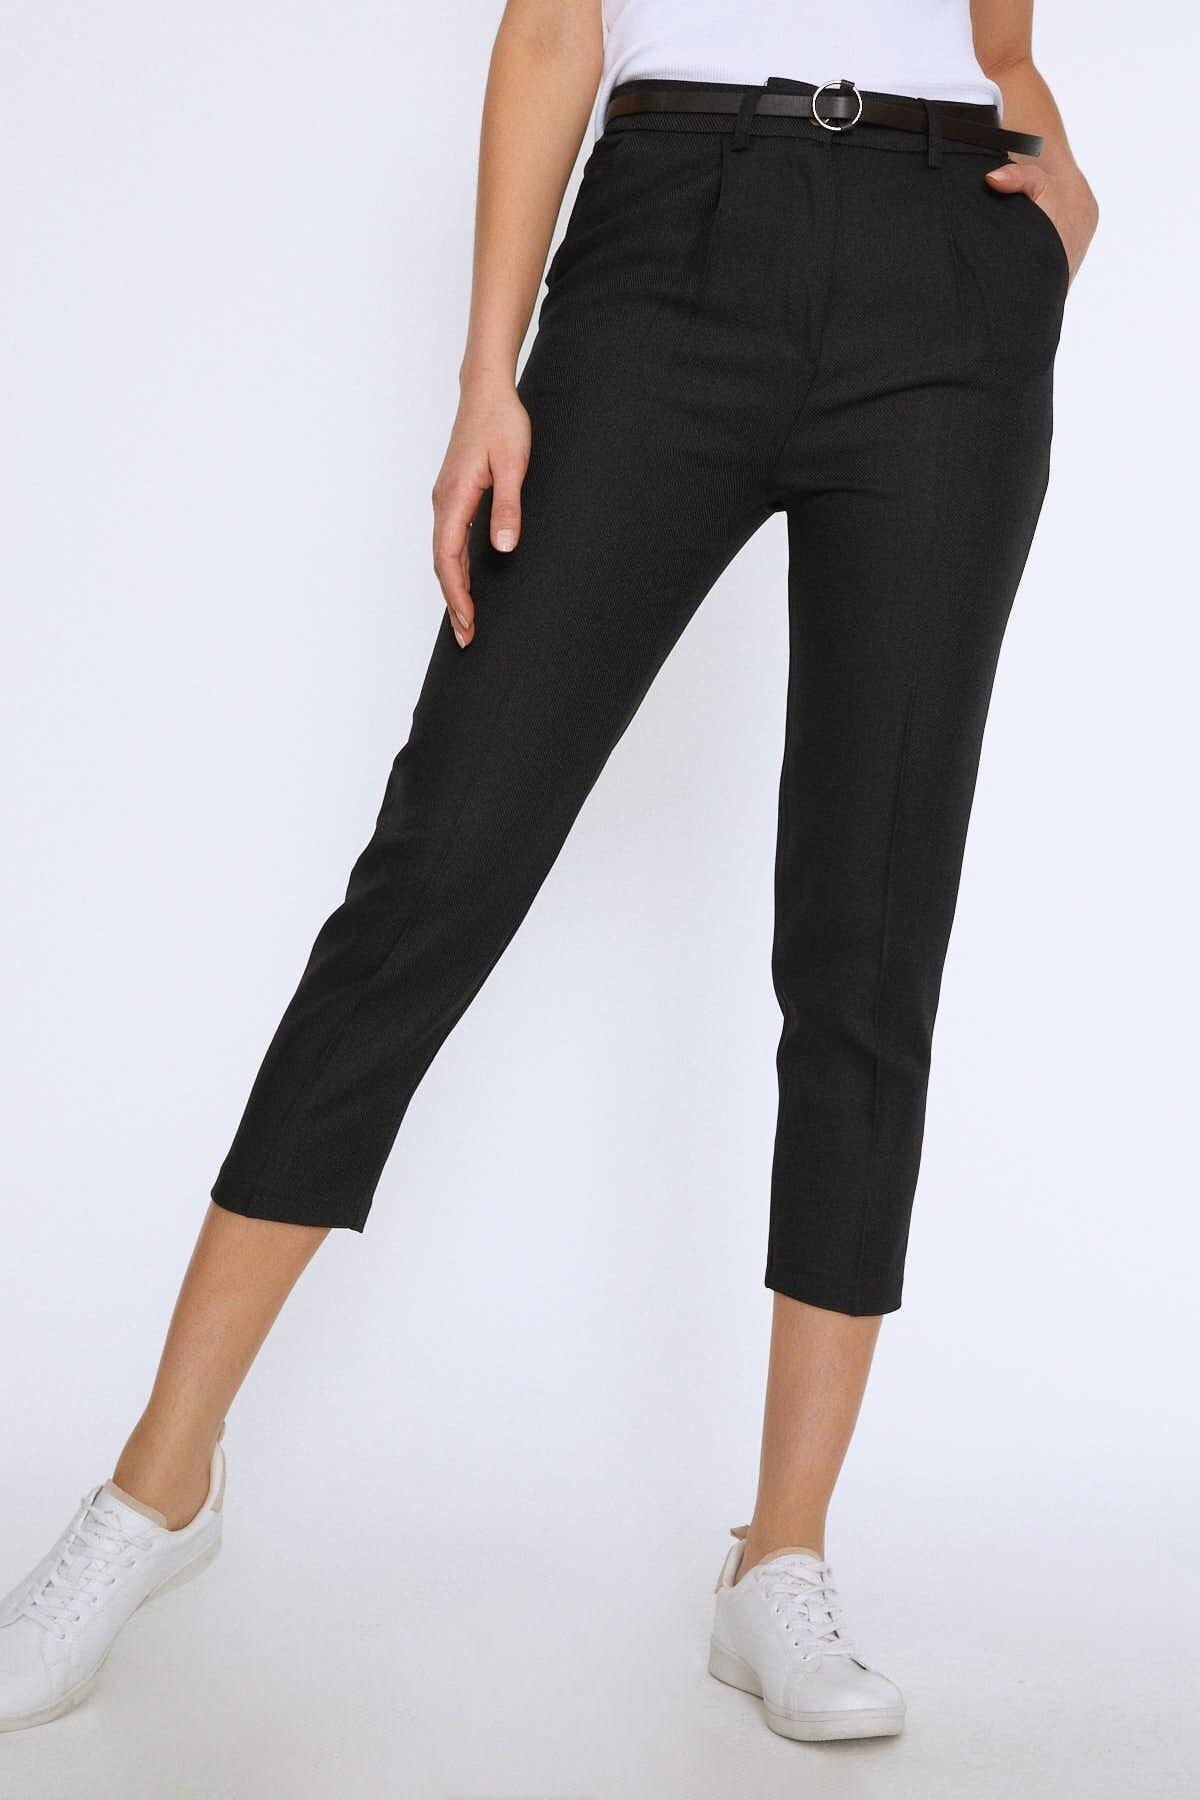 Quzu Kadın Yüksek Bel Kemerli Pantolon Siyah 20K70651-001 2